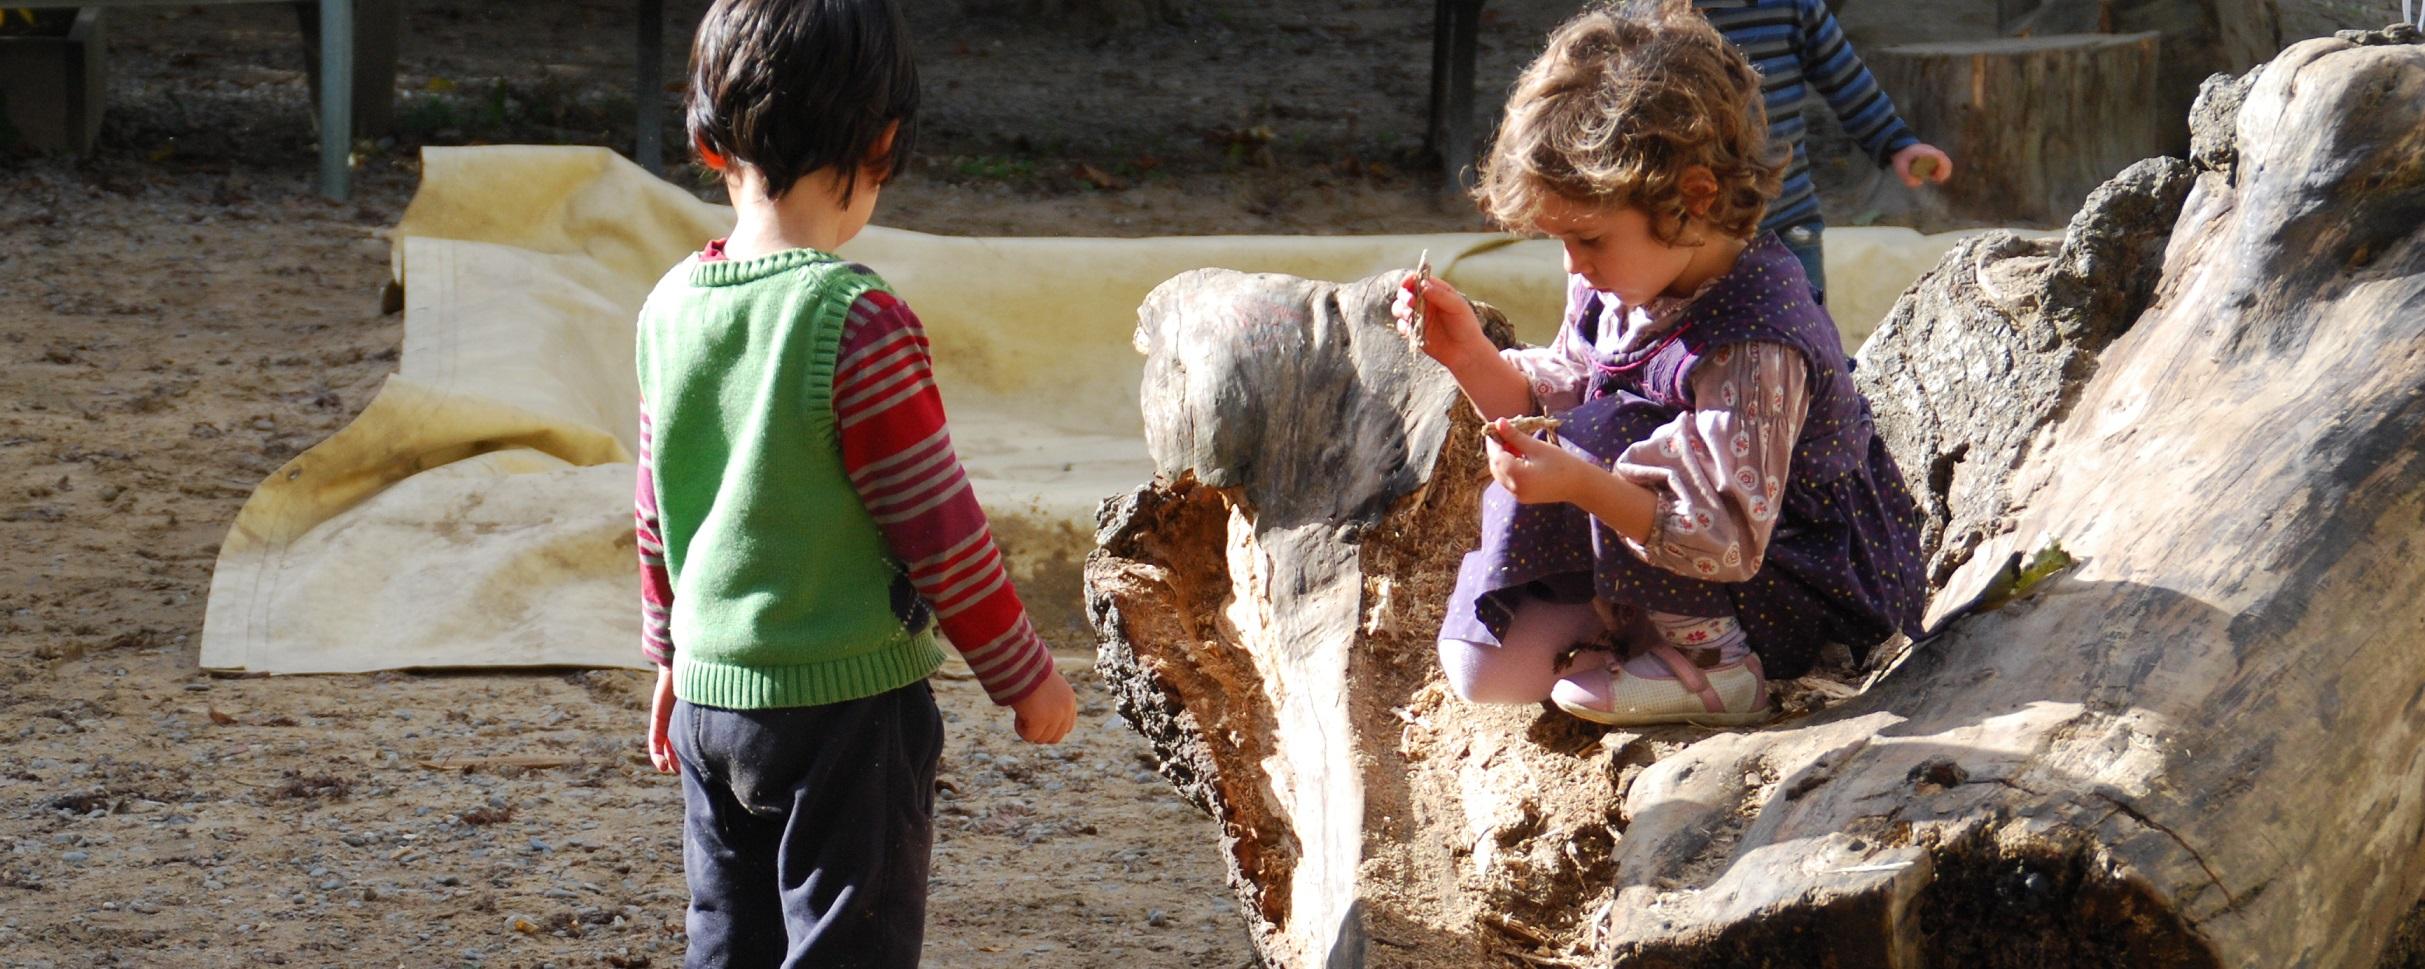 La vie au jardin d'enfants Steiner-Waldorf de Pau